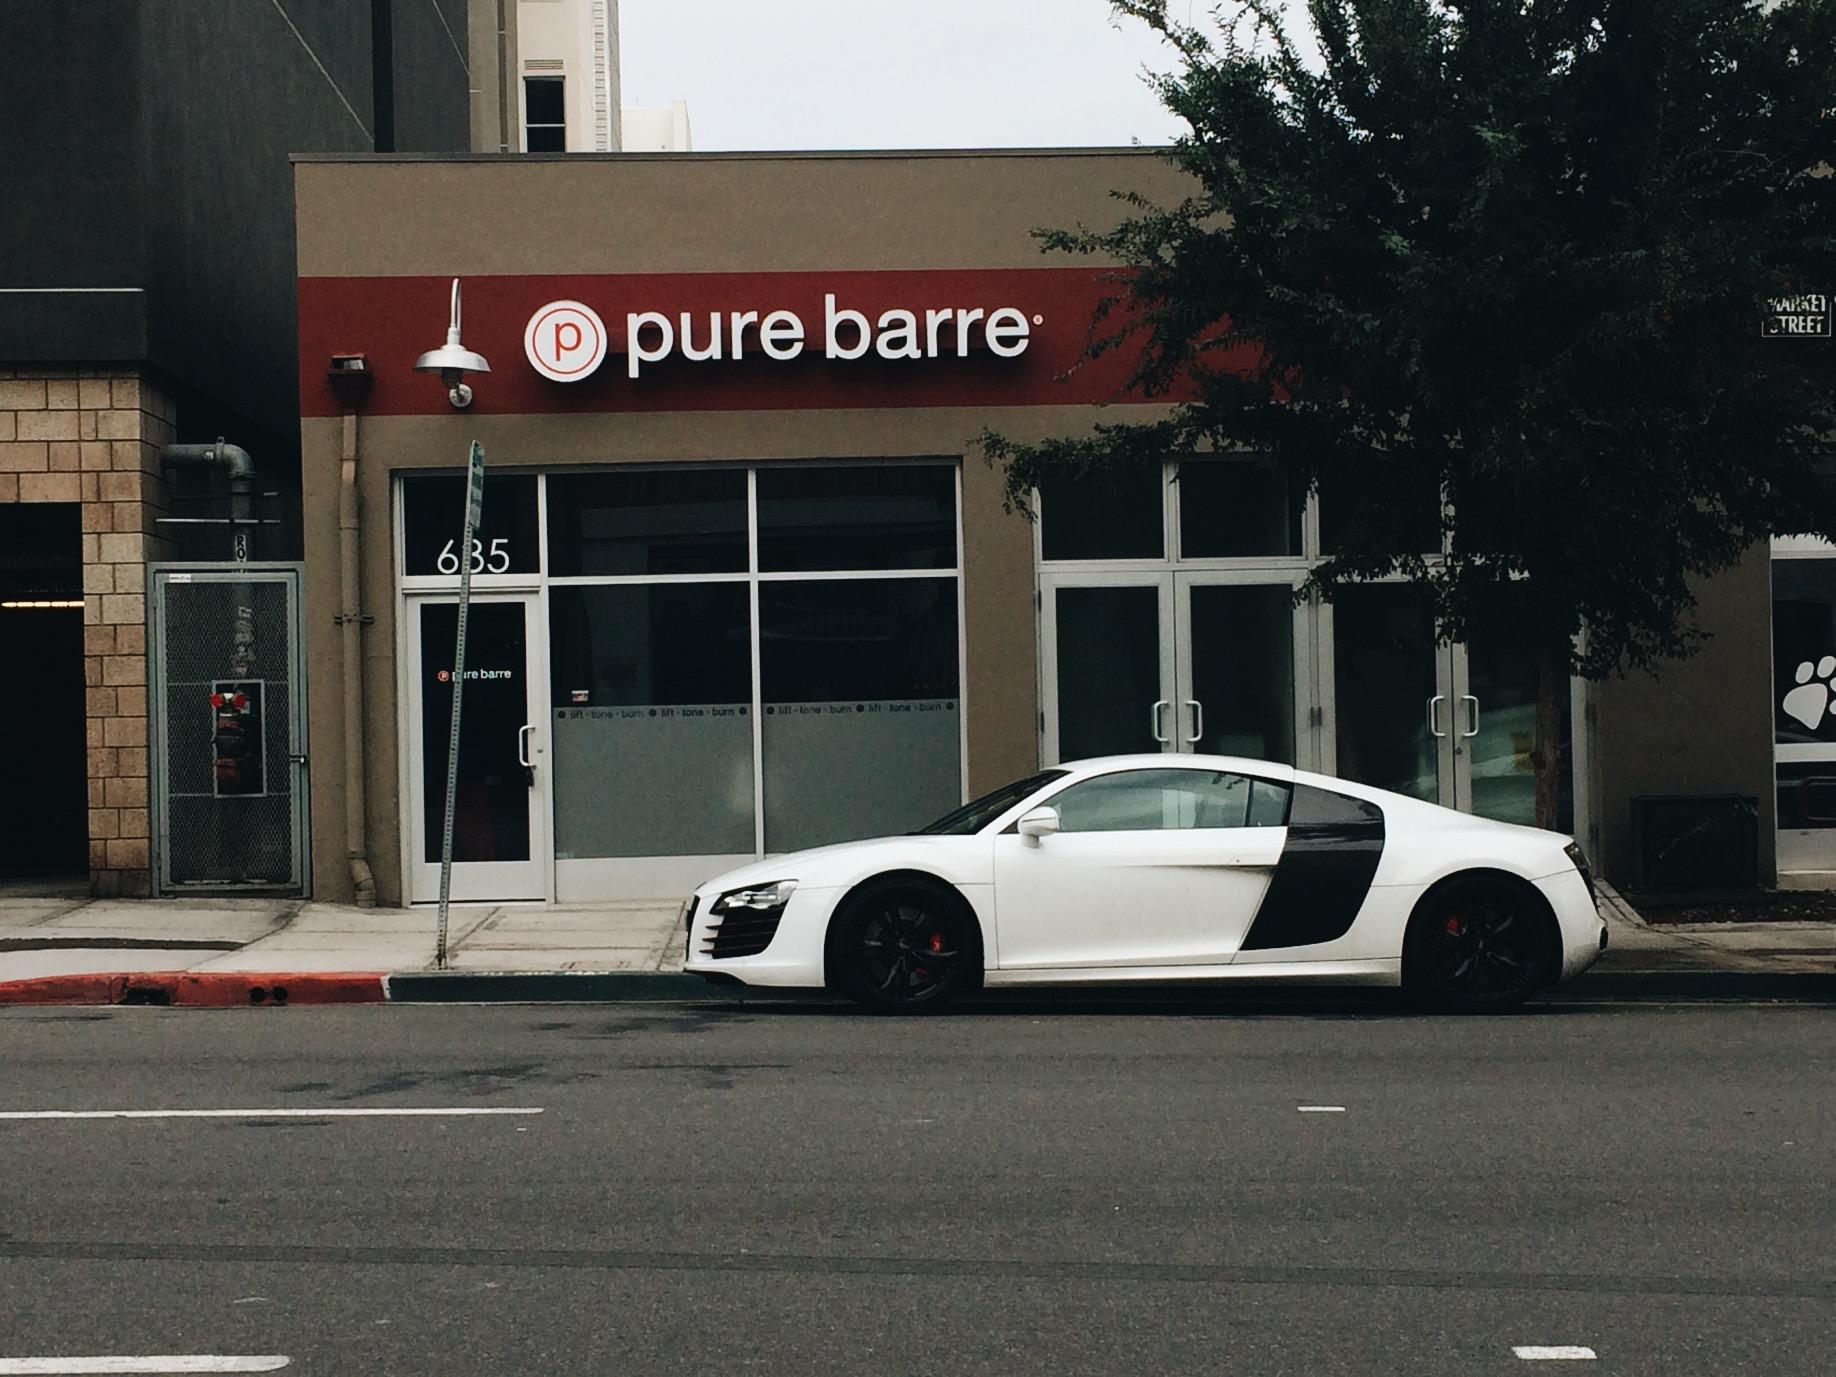 I love car spotting. Audi R8.